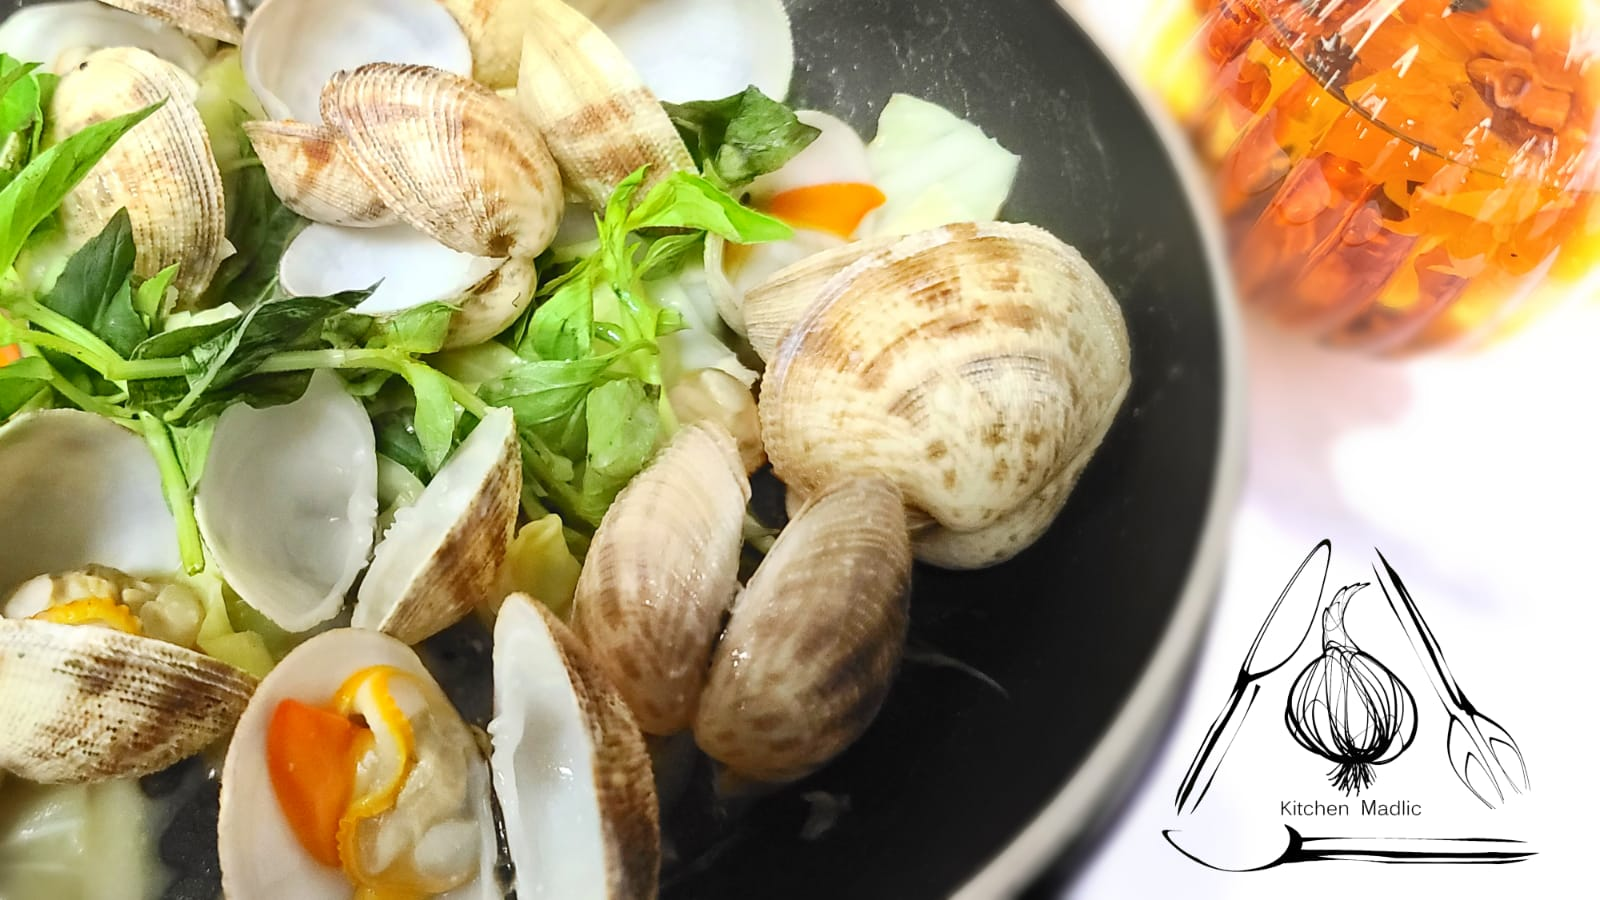 泰式香草魚露浸加拿大沙白。(Kitchen Madlic提供)